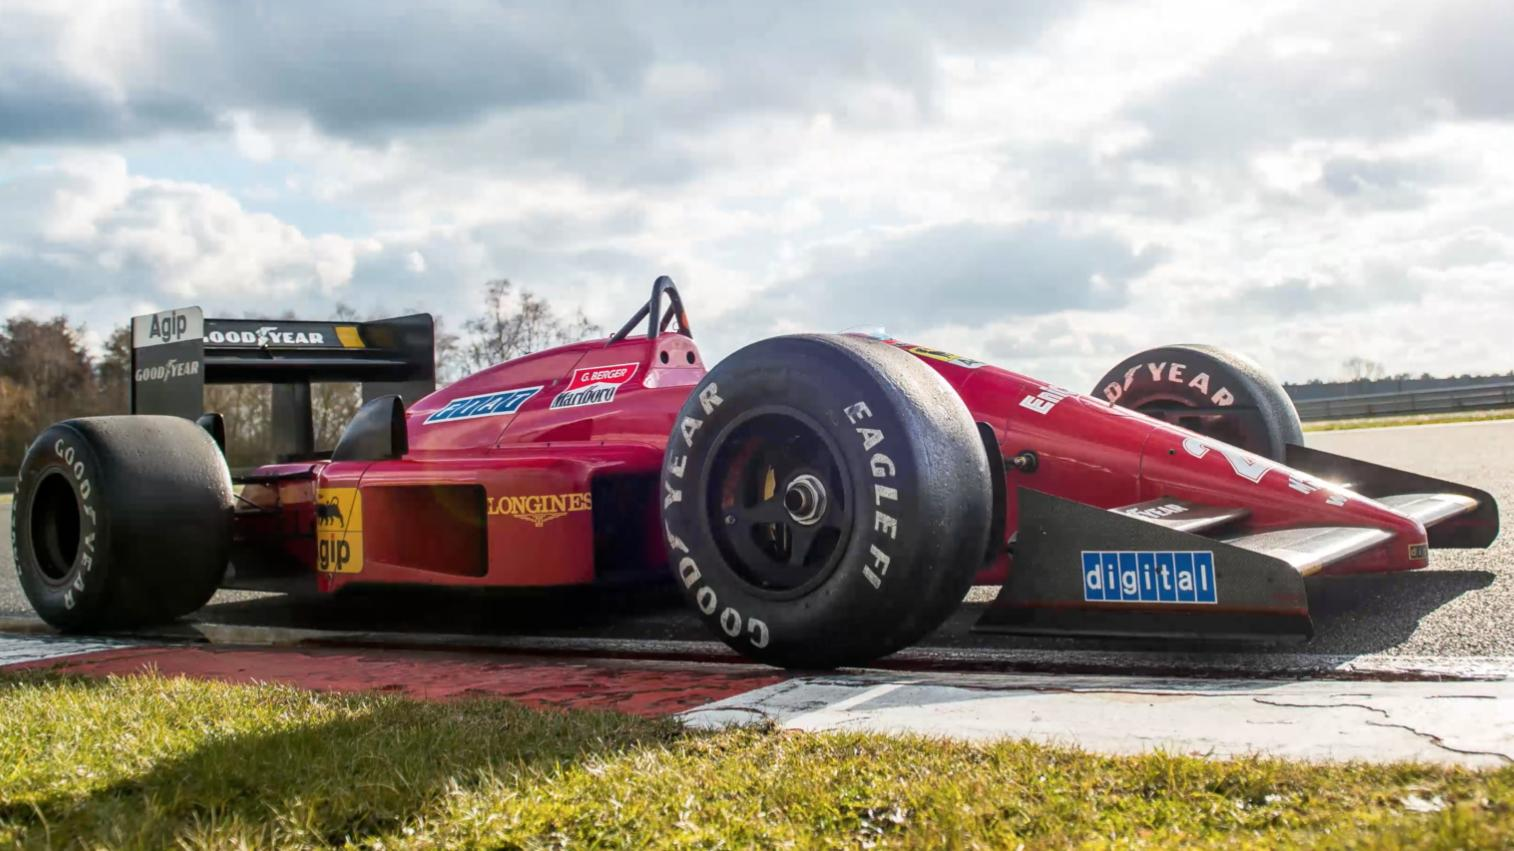 Classic Racecars: How Scuderia Ferrari Beat Its 80s Slump